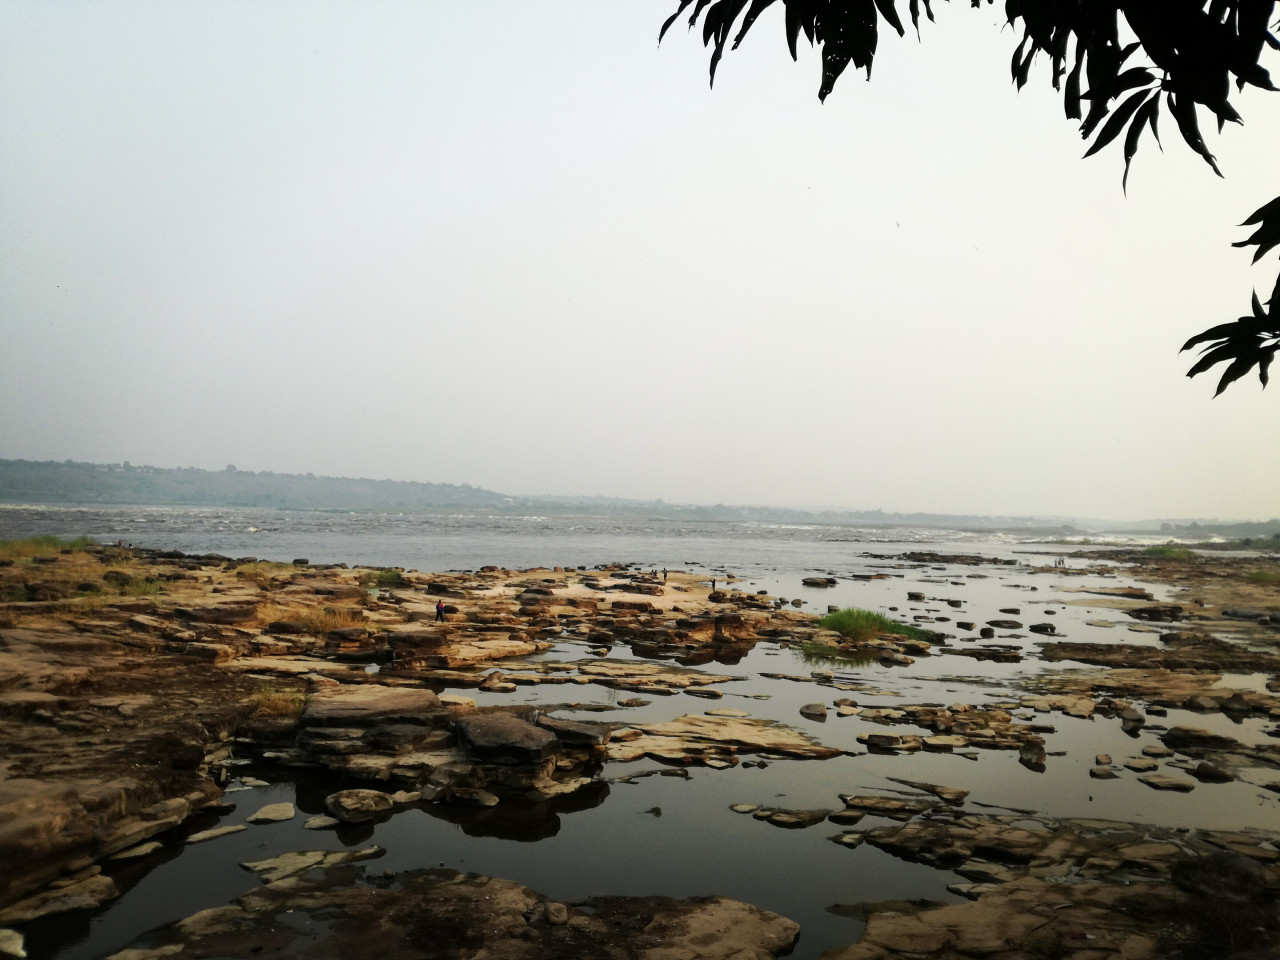 Les cataractes du fleuve Congo en saison sèche. (© Benoît Lognoné))